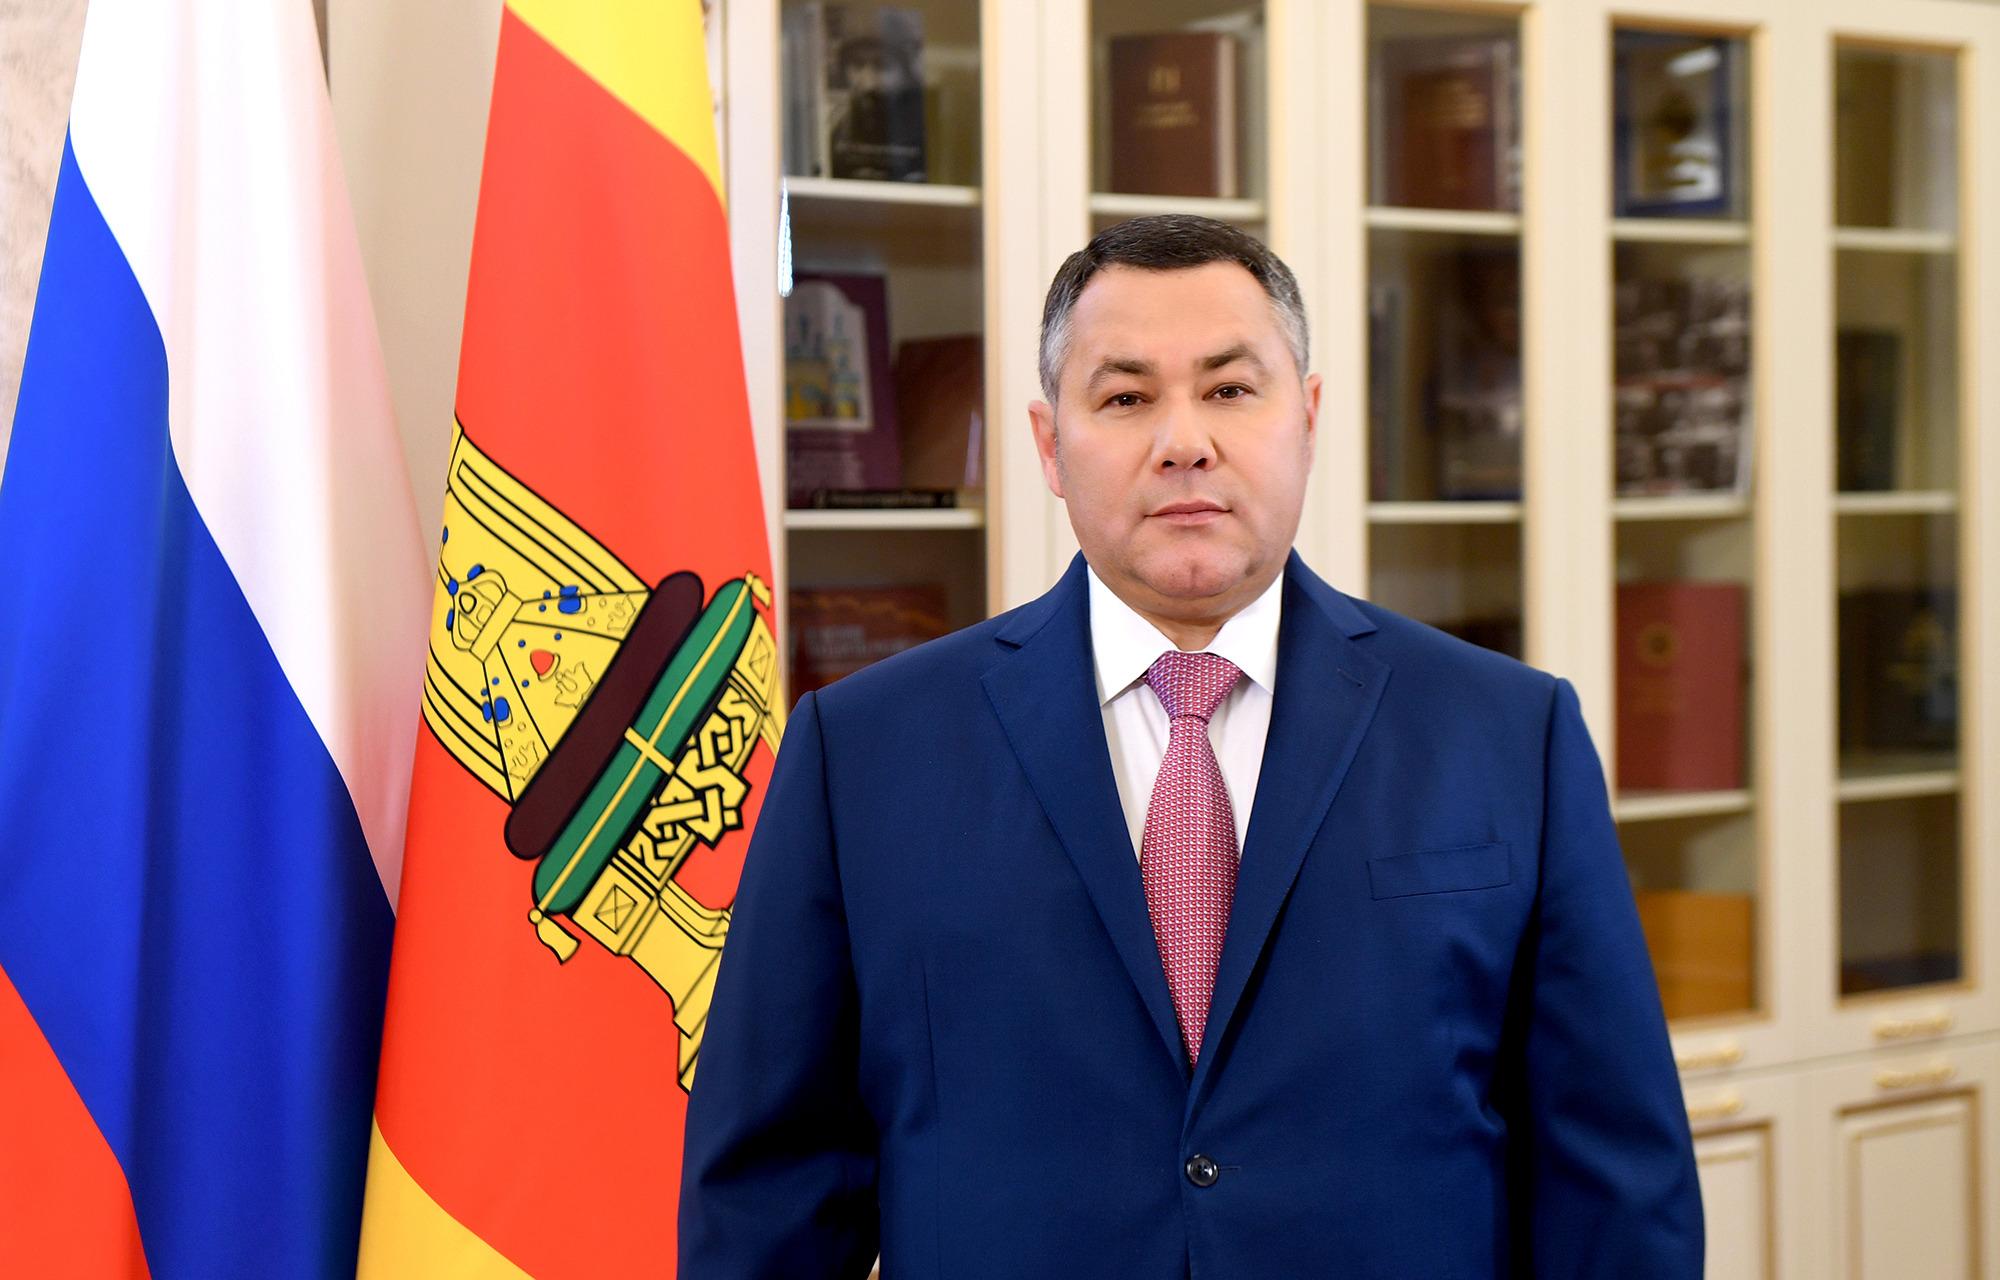 Губернатор поздравил жителей Тверской области с праздником 4 ноября